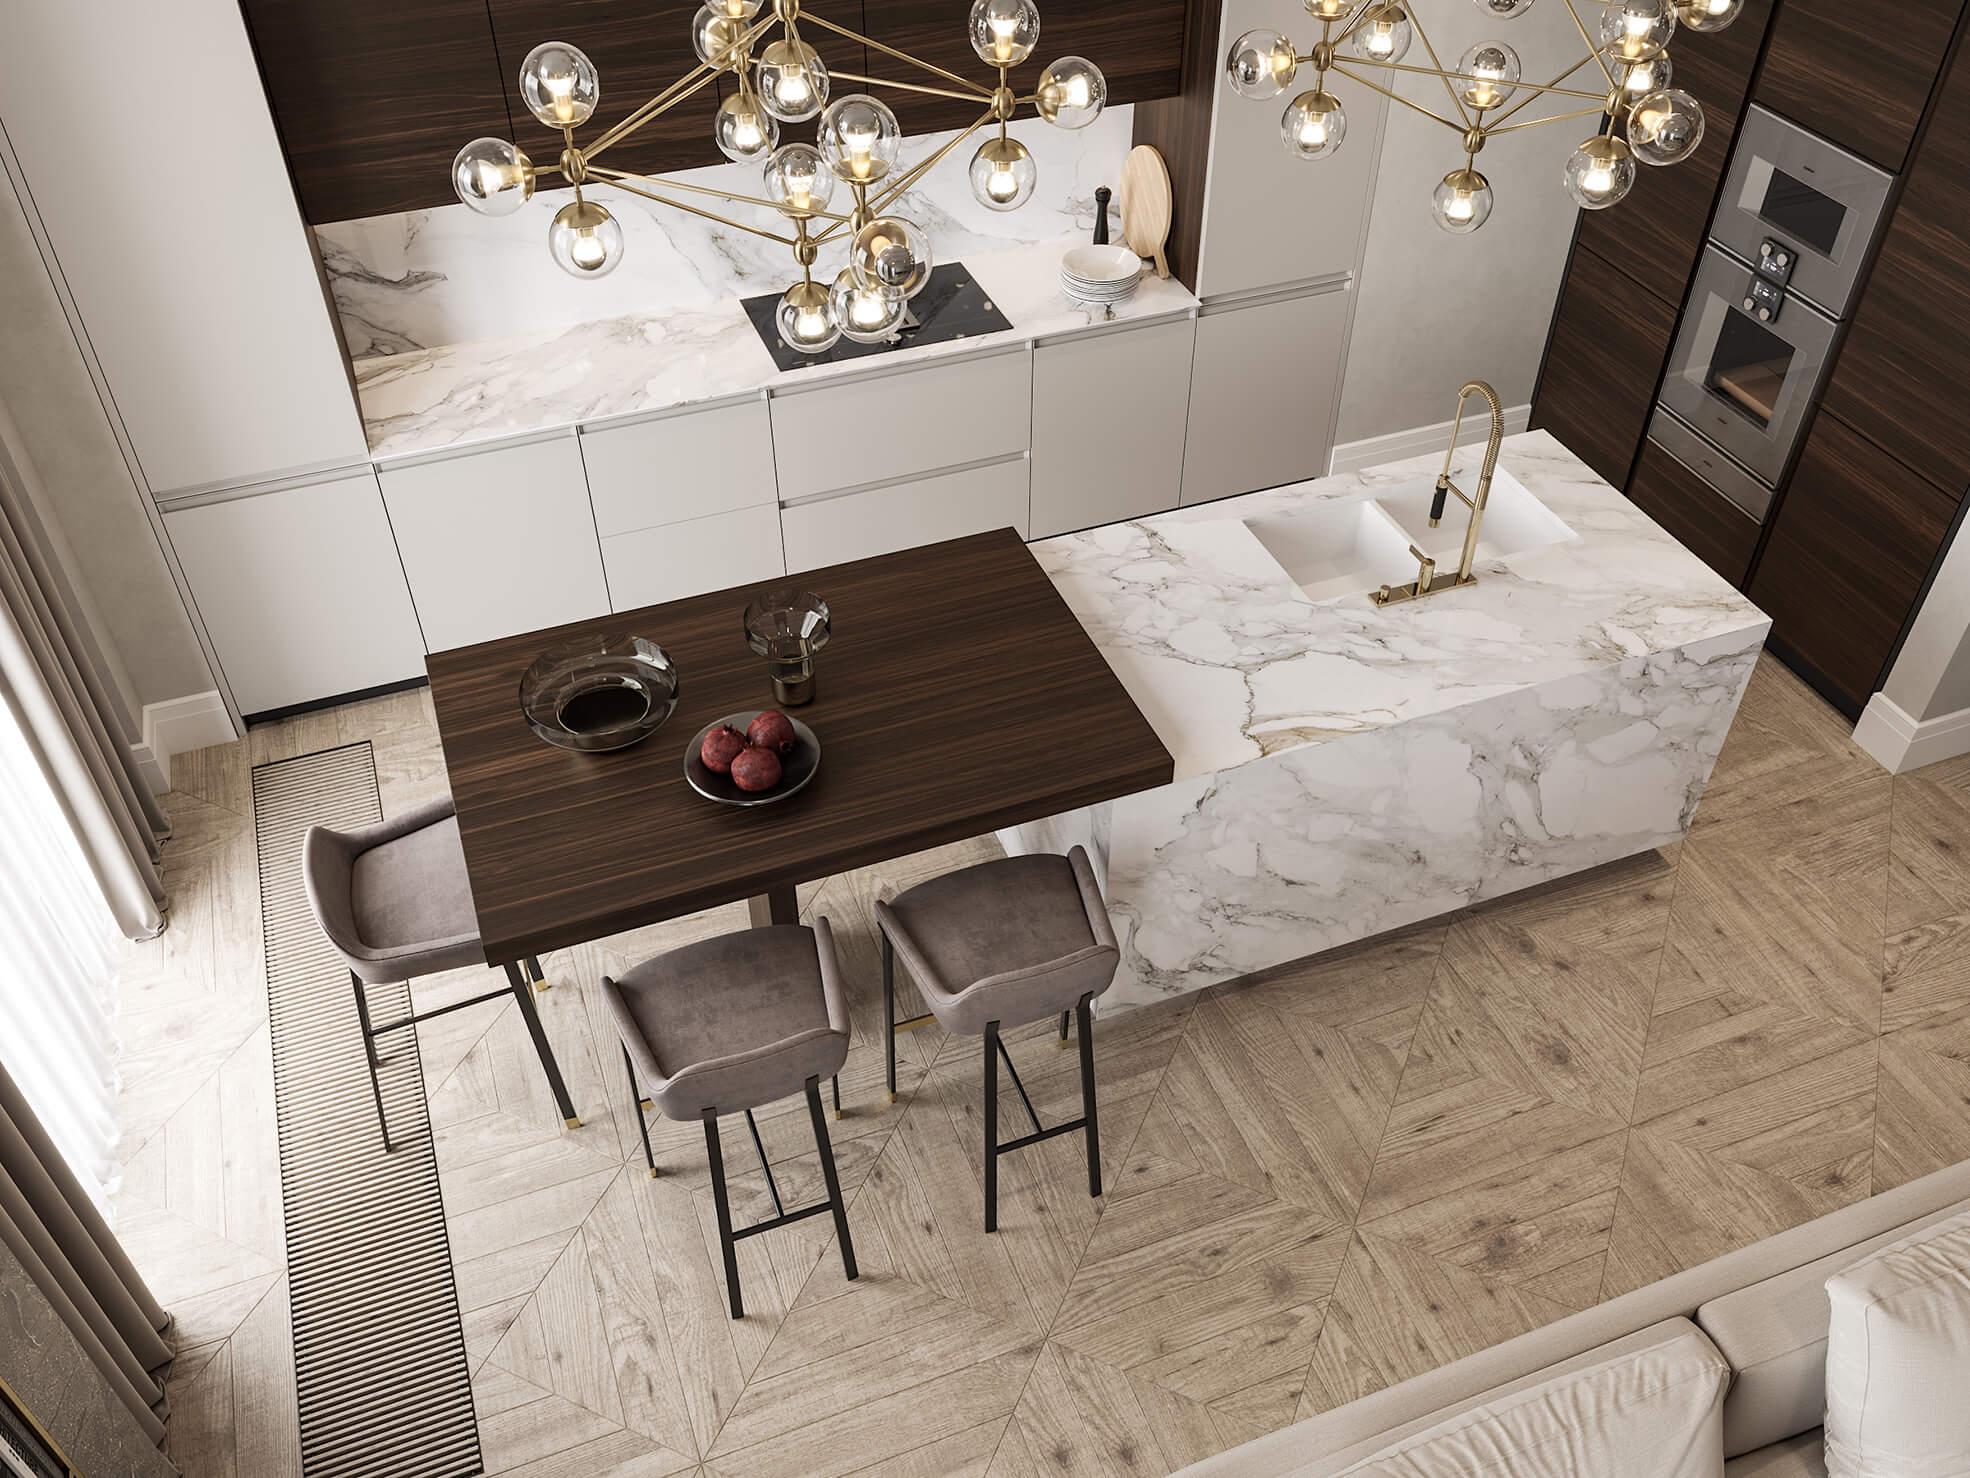 phong cách thiết kế nội thất nhà chung cư đẹp nhất hiện nay 10